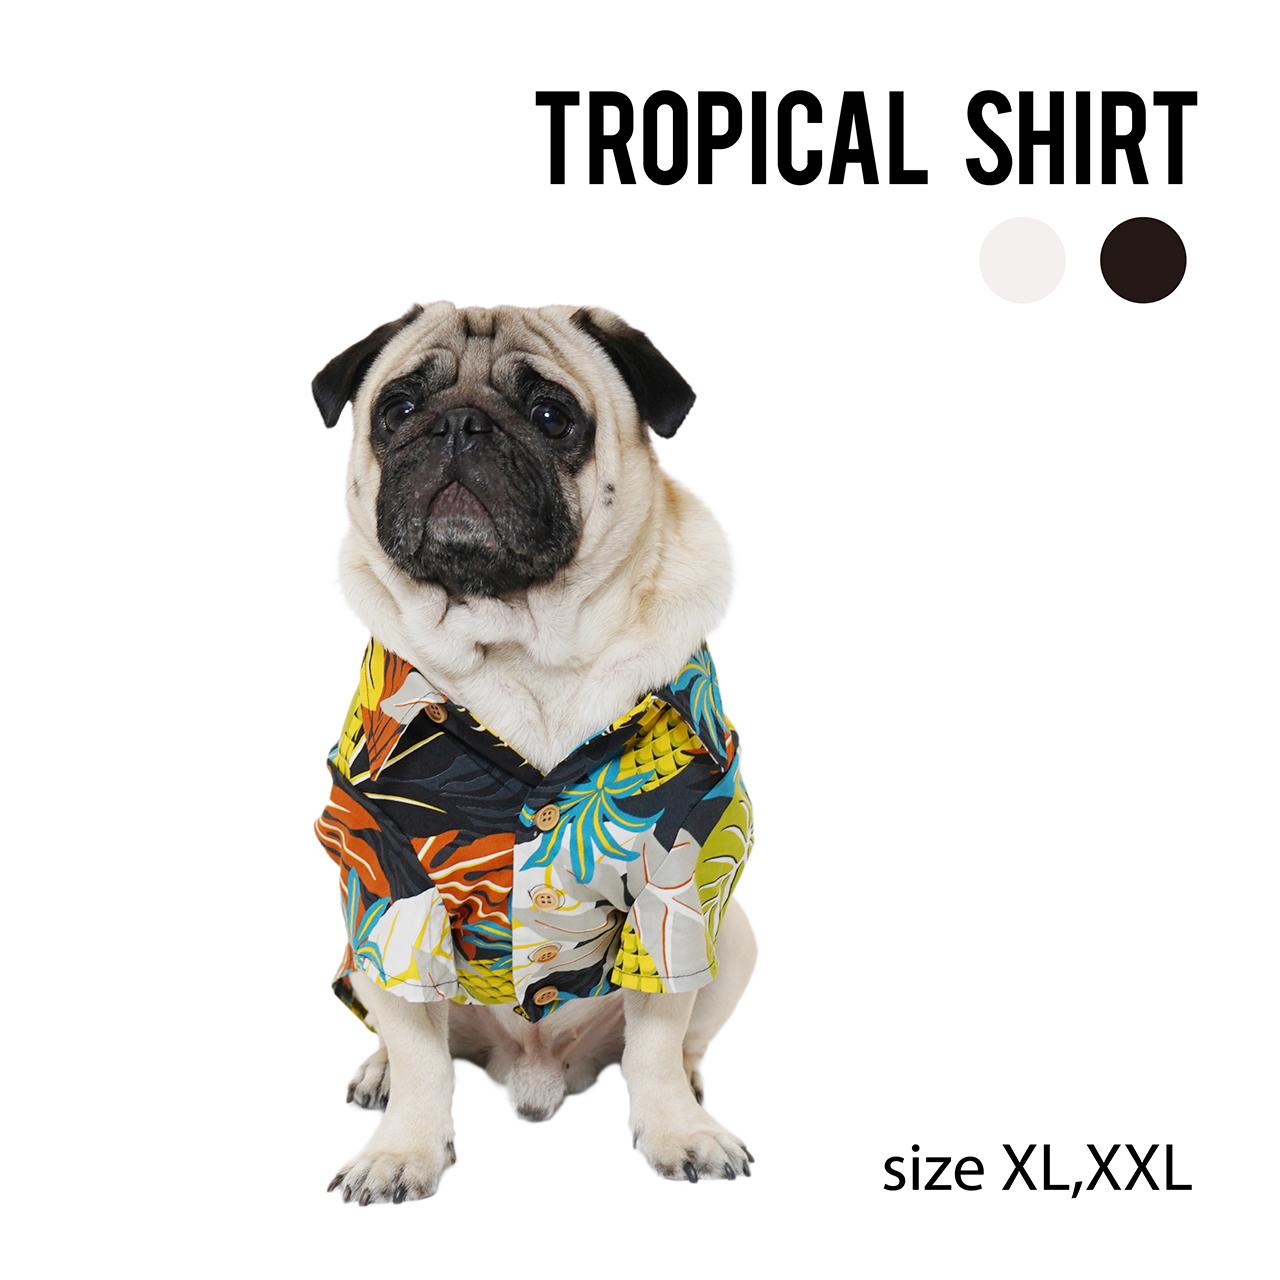 TROPICAL SHIRT(XL,XXL) トロピカルシャツ